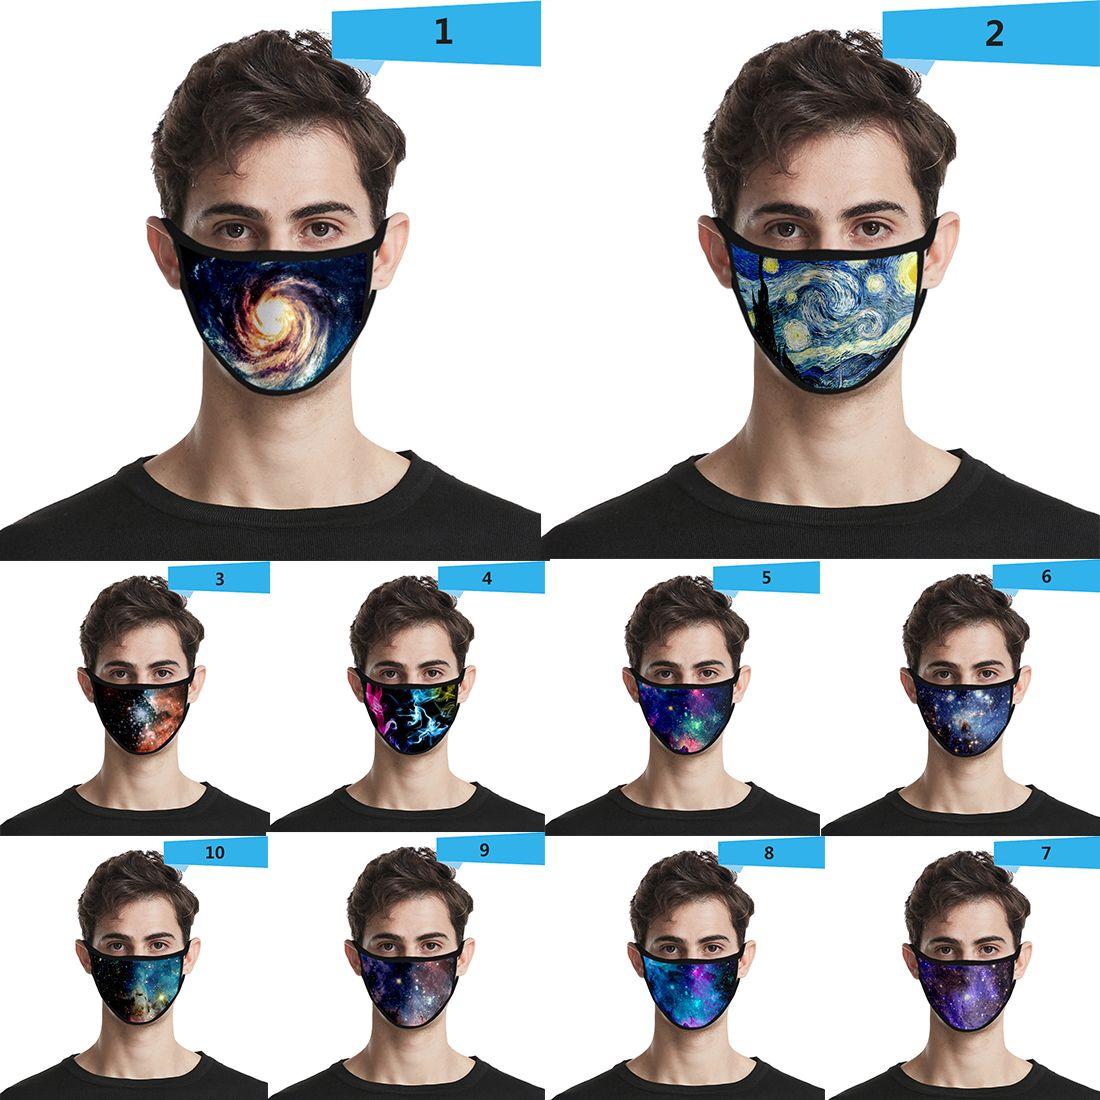 Cover Sky 3d пылезащитный мода печатание ледяной шелк мальчики девушка малыш маски для взрослых дизайнер для лица маска для лица хлопок ресурсы